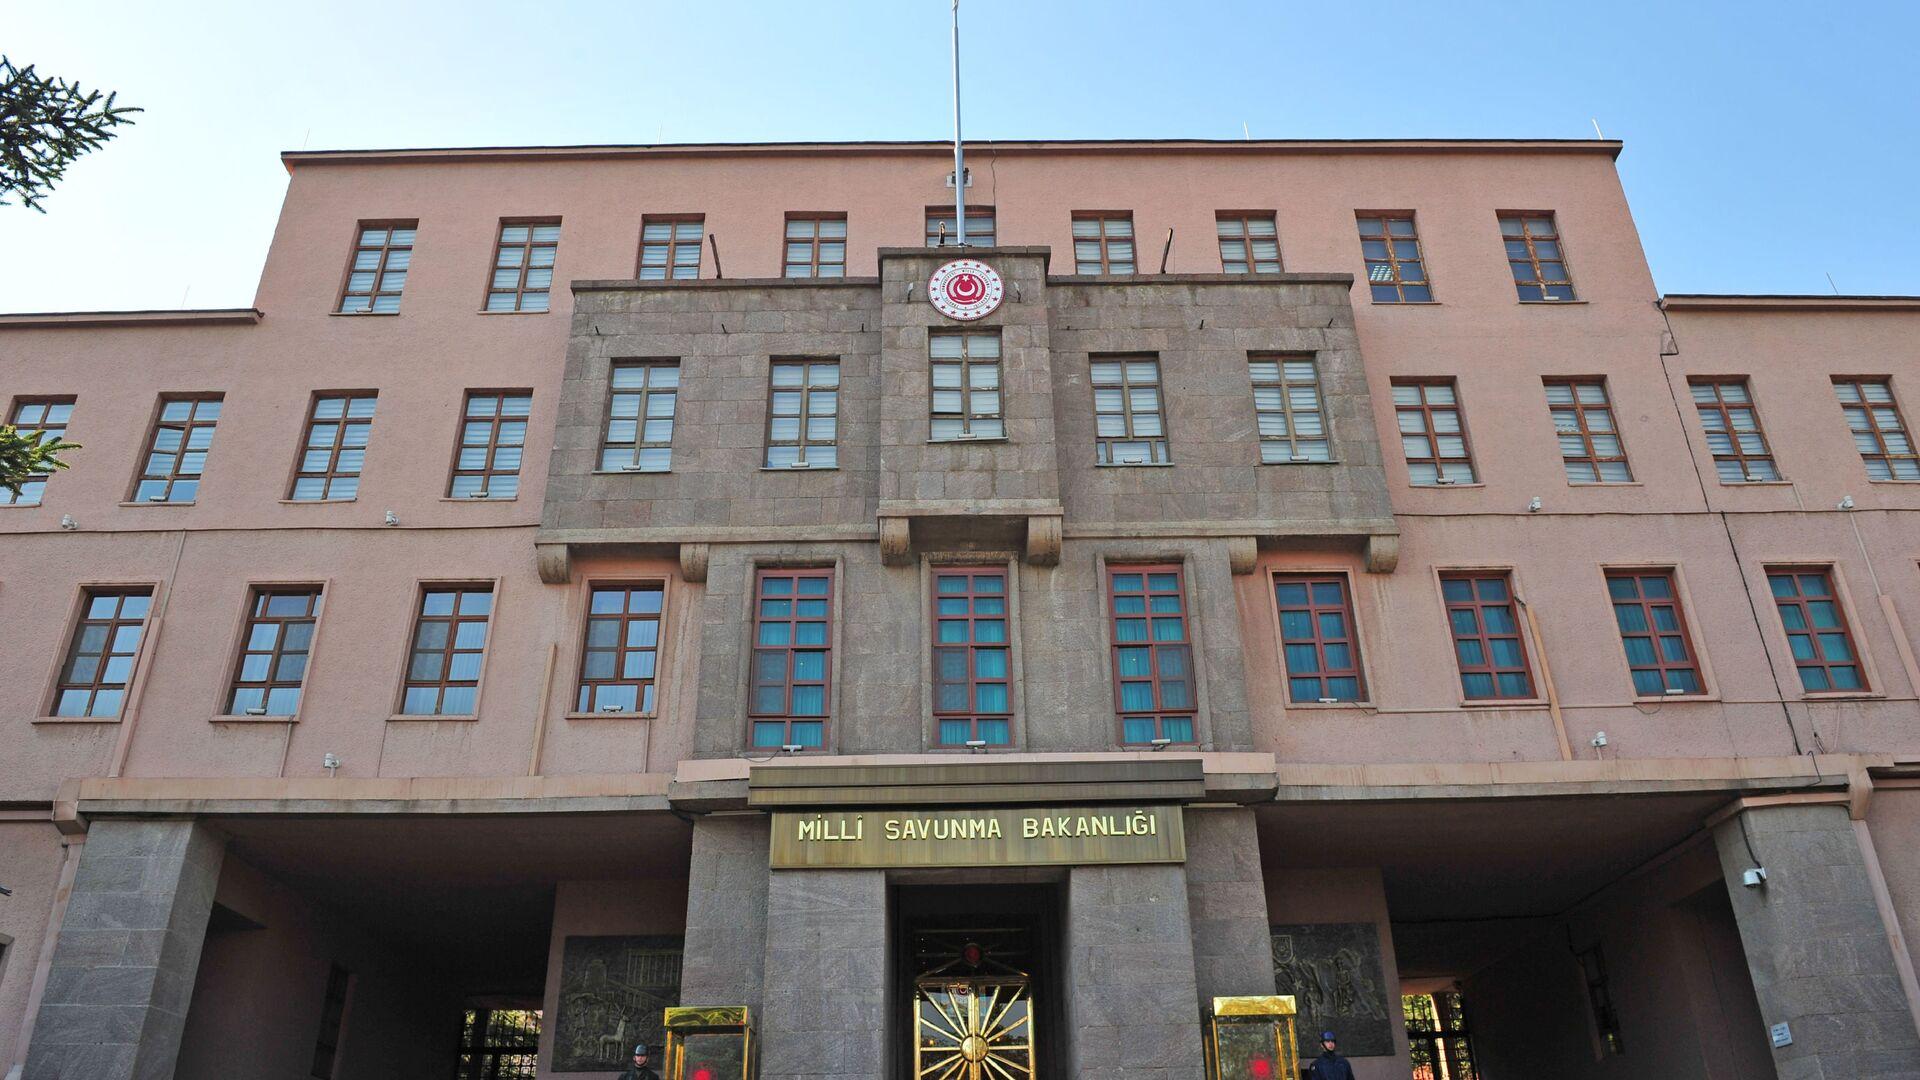 Milli Savunma Bakanlığı (MSB) - Sputnik Türkiye, 1920, 25.06.2021